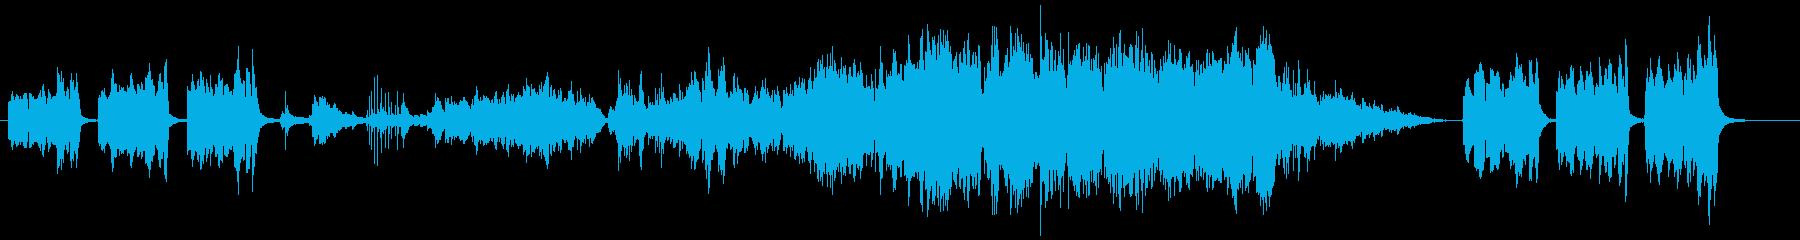 ジャズ。ユナイテッドジャズアーティ...の再生済みの波形